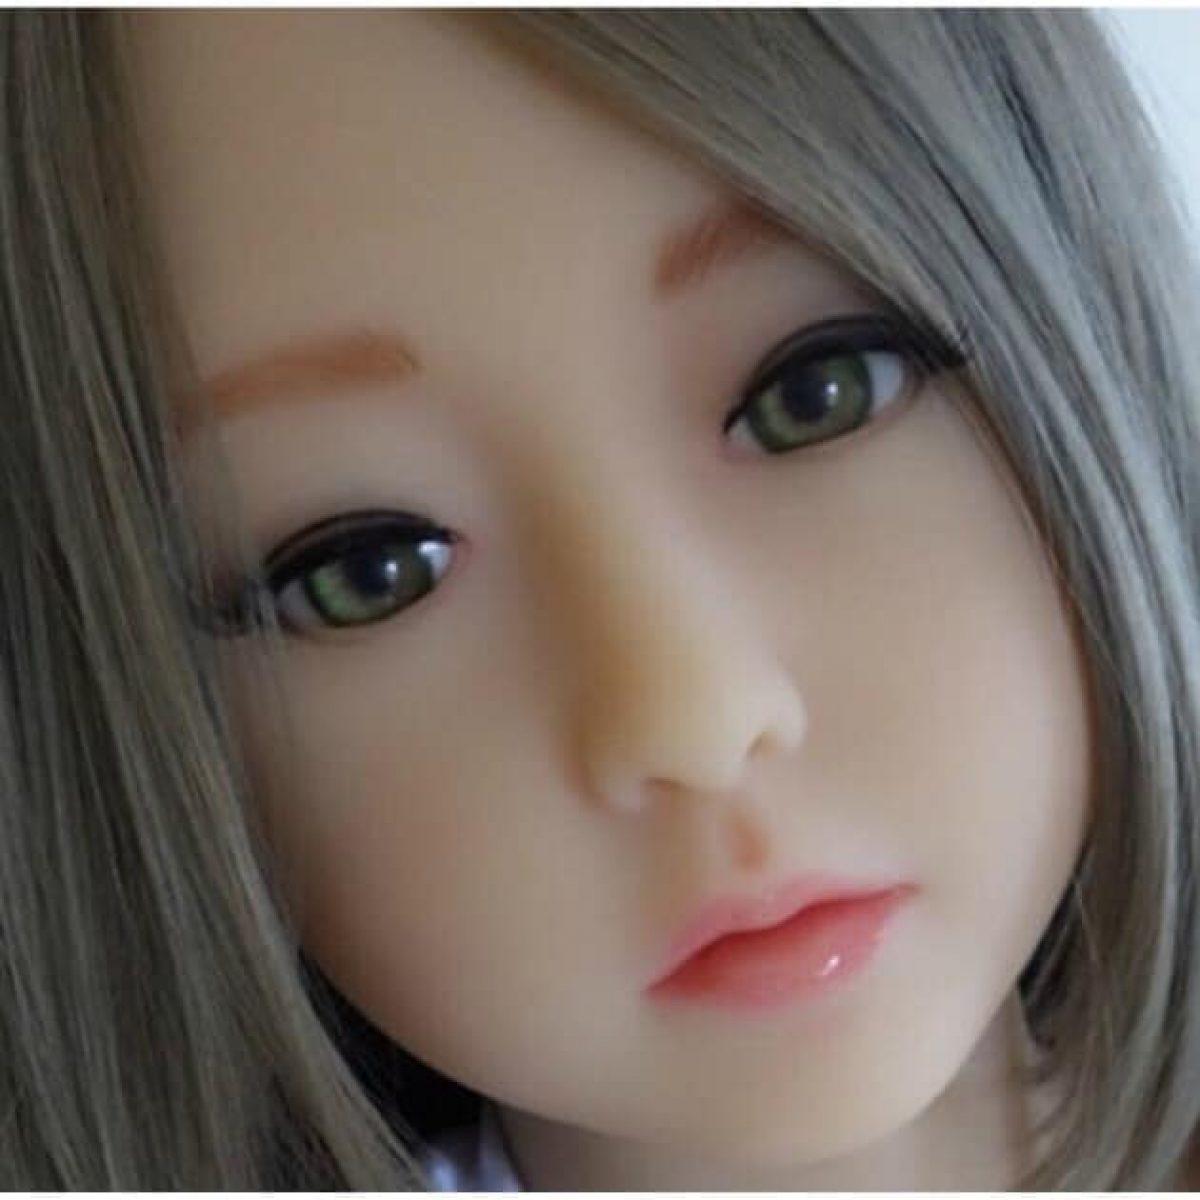 Κούκλες του σεξ με τη μορφή παιδιού – Ο προθάλαμος της παιδικής σεξουαλικής κακοποίησης.